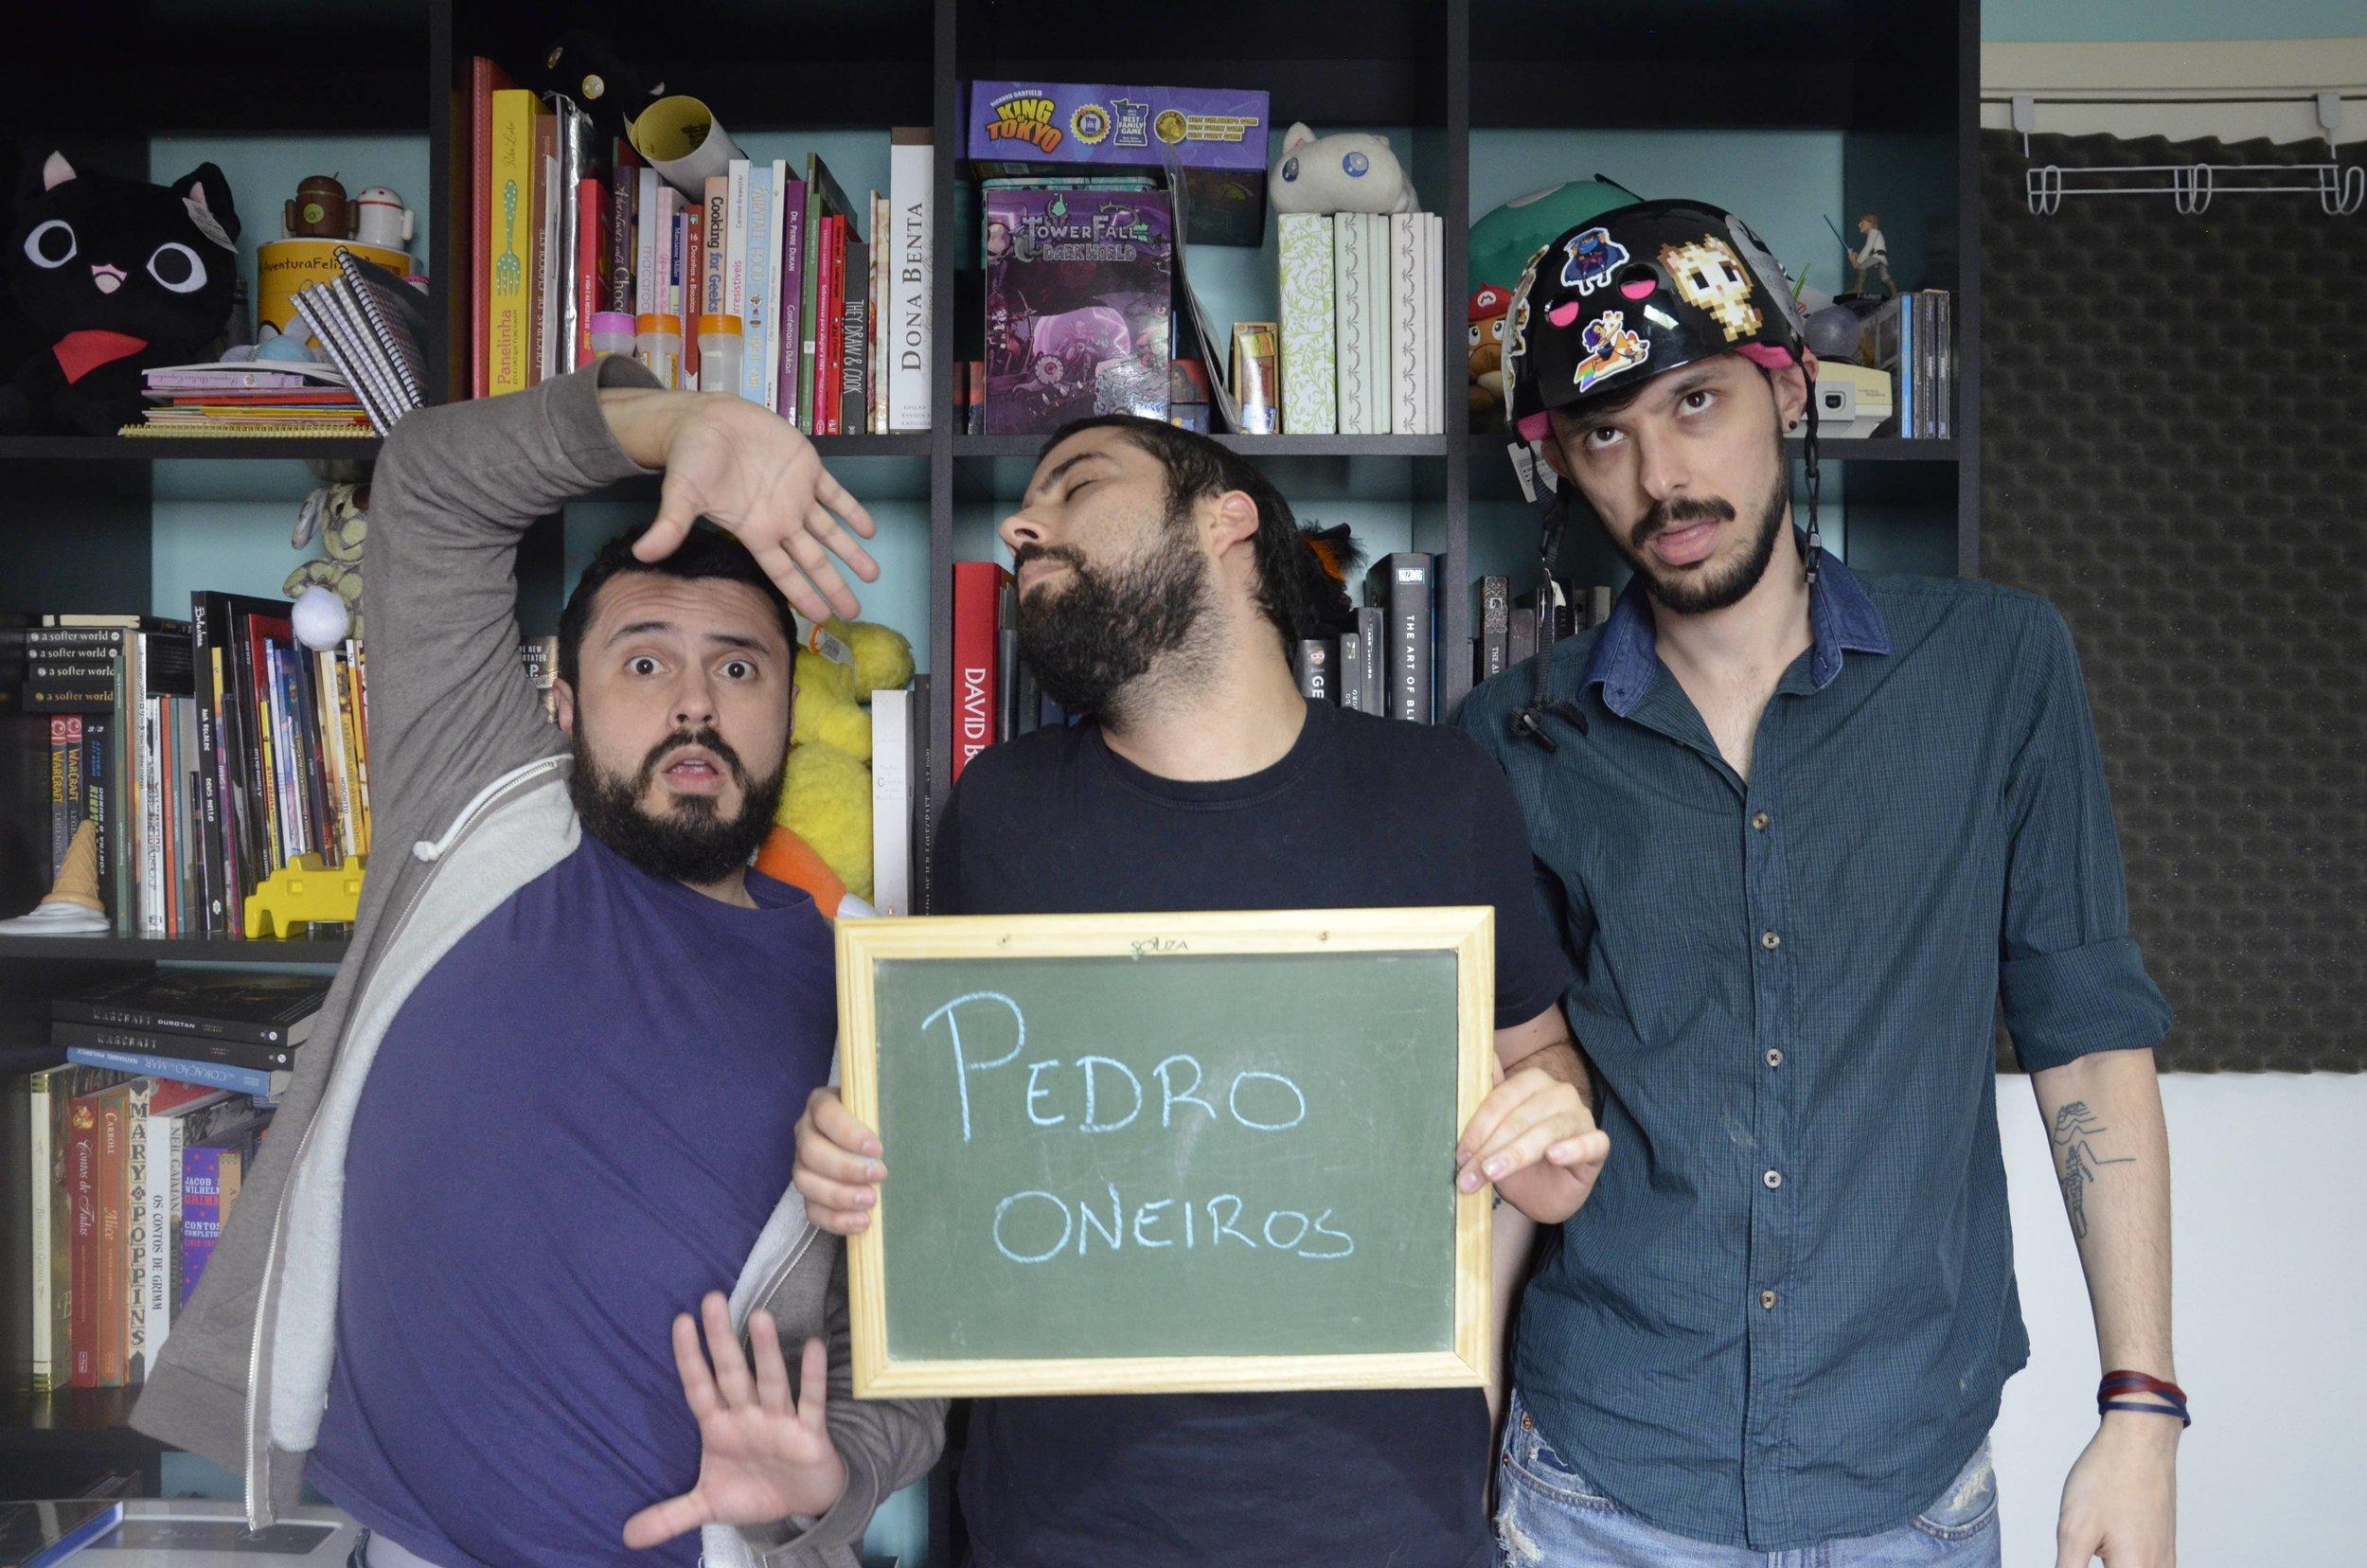 Pedro-Oneiros.jpg